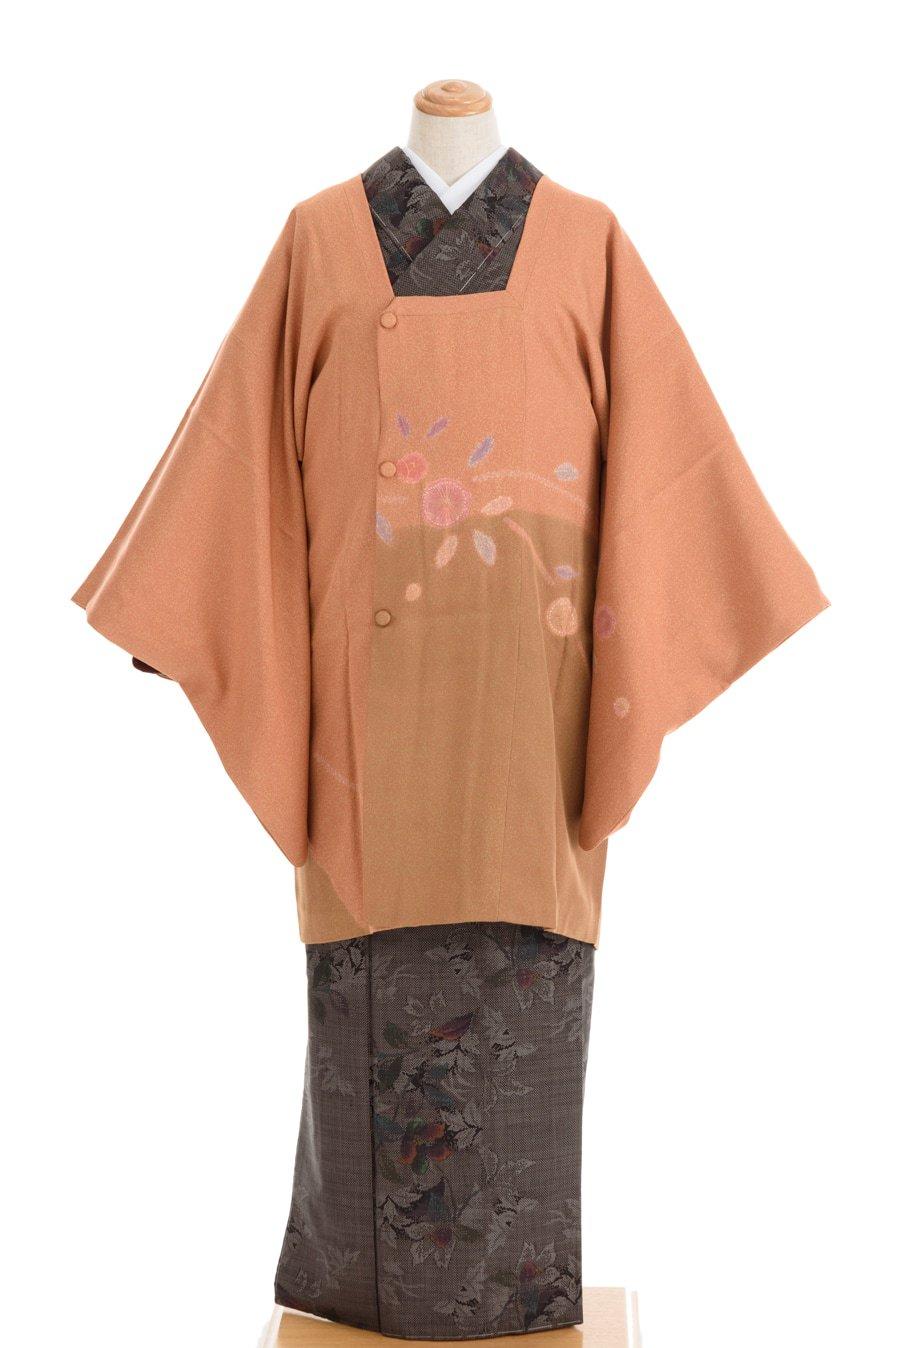 「道行コート 絵羽 ツートンカラー」の商品画像